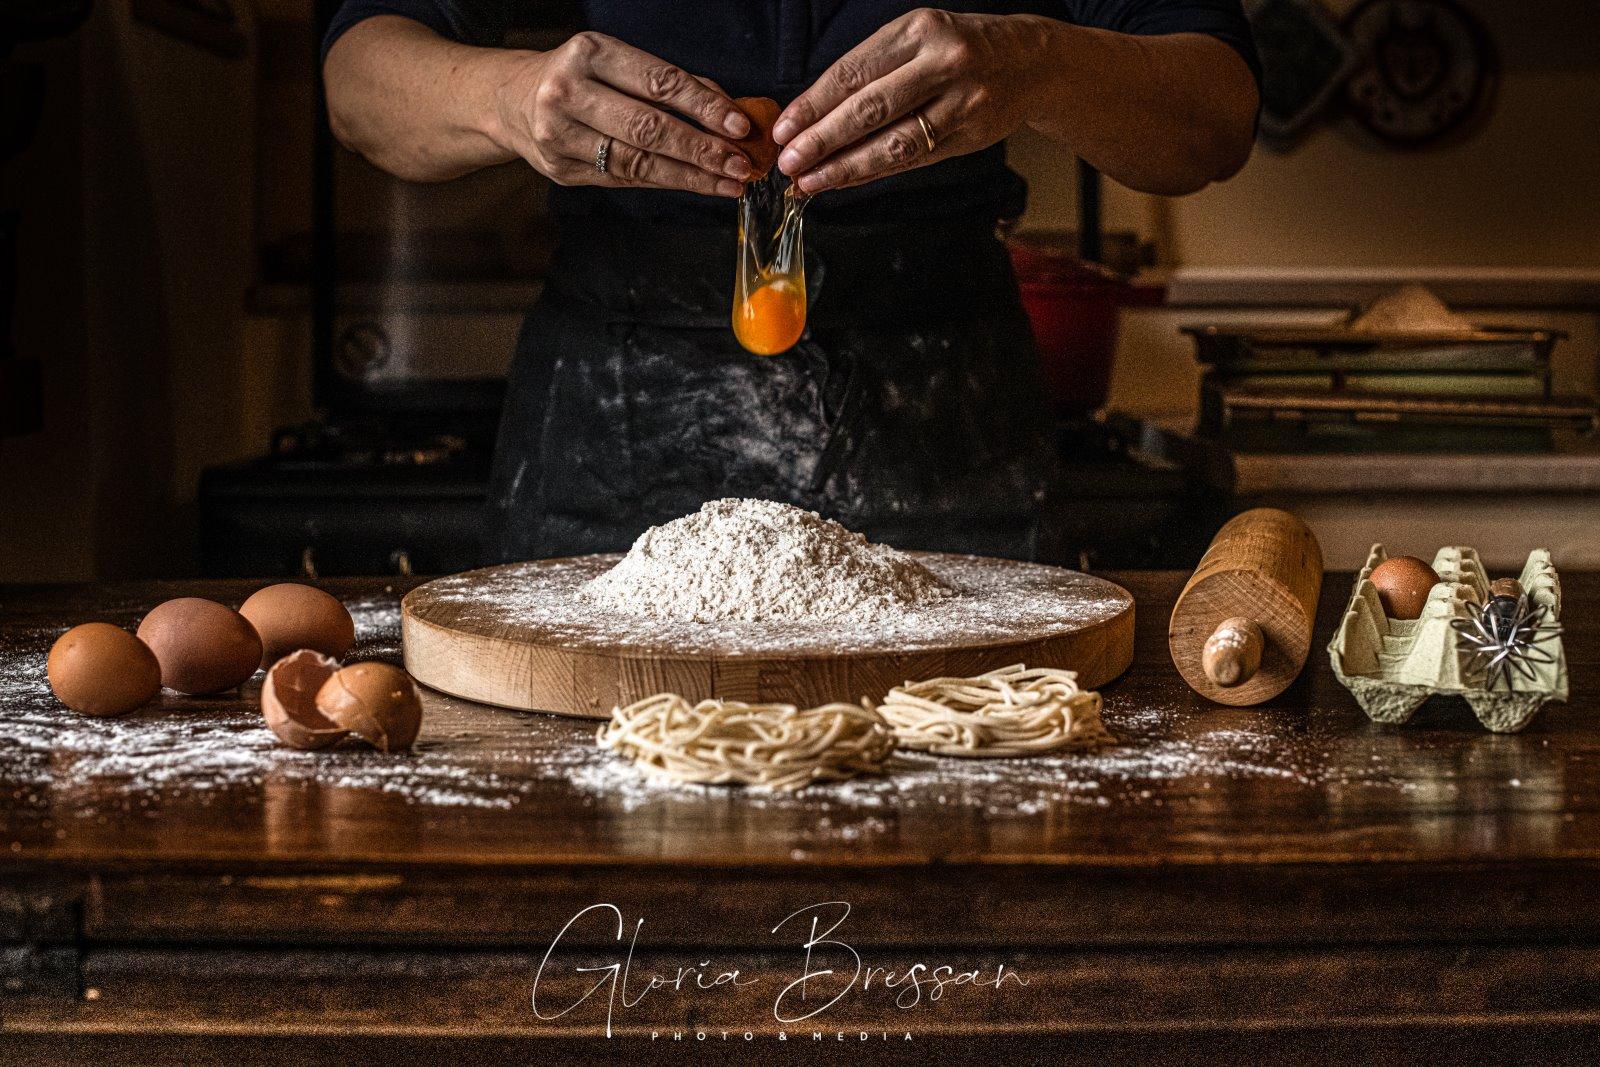 weissbier-birra-beer-food photography switzerland-foodphotographyzurich-still life photography